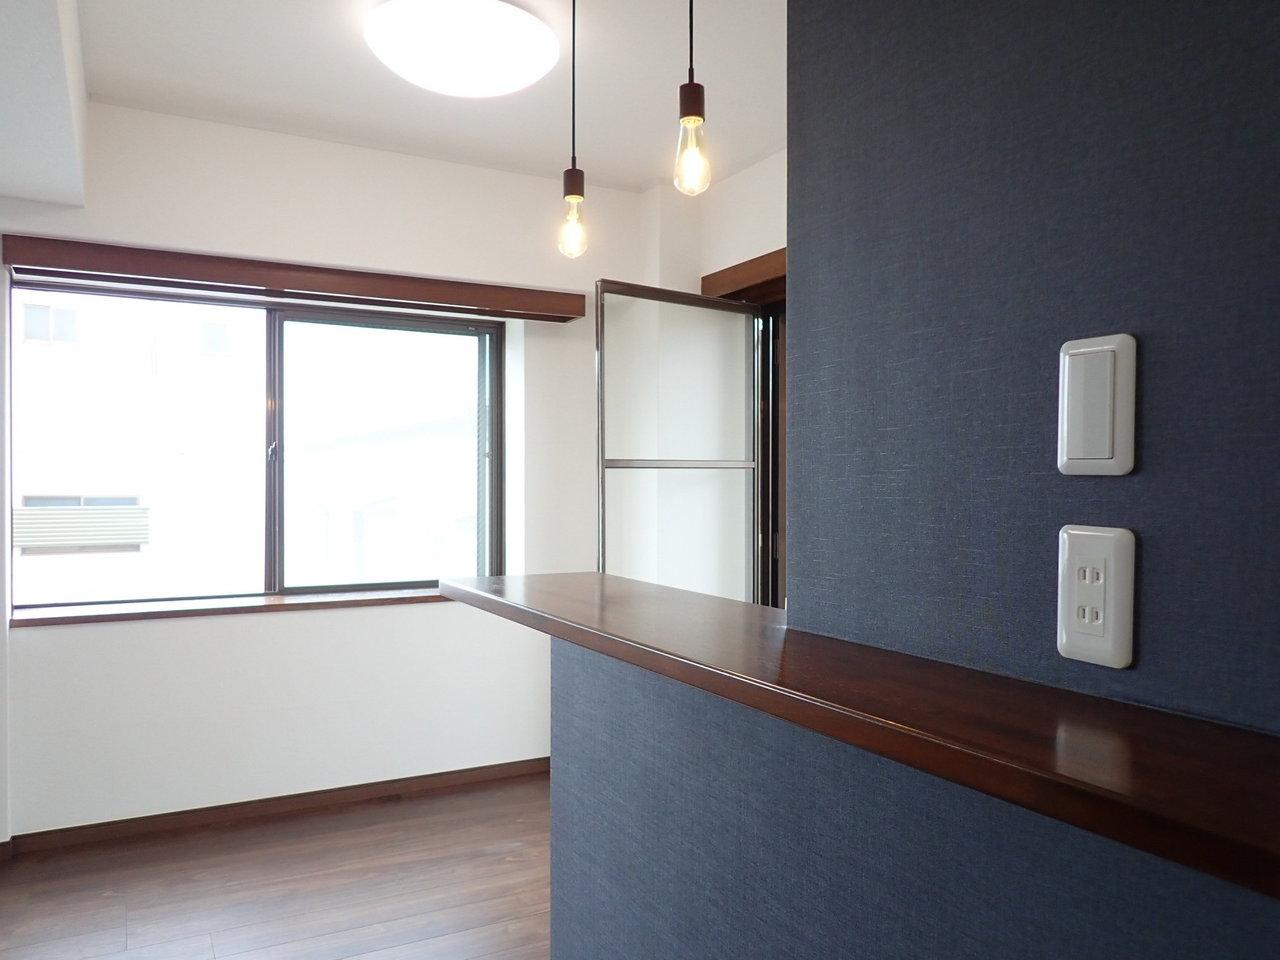 上から吊るされている照明もセンスがいい。なによりキッチン裏側のこの濃いブルーの壁紙。落ち着いた印象の部屋づくりが好きな方にはぴったり。